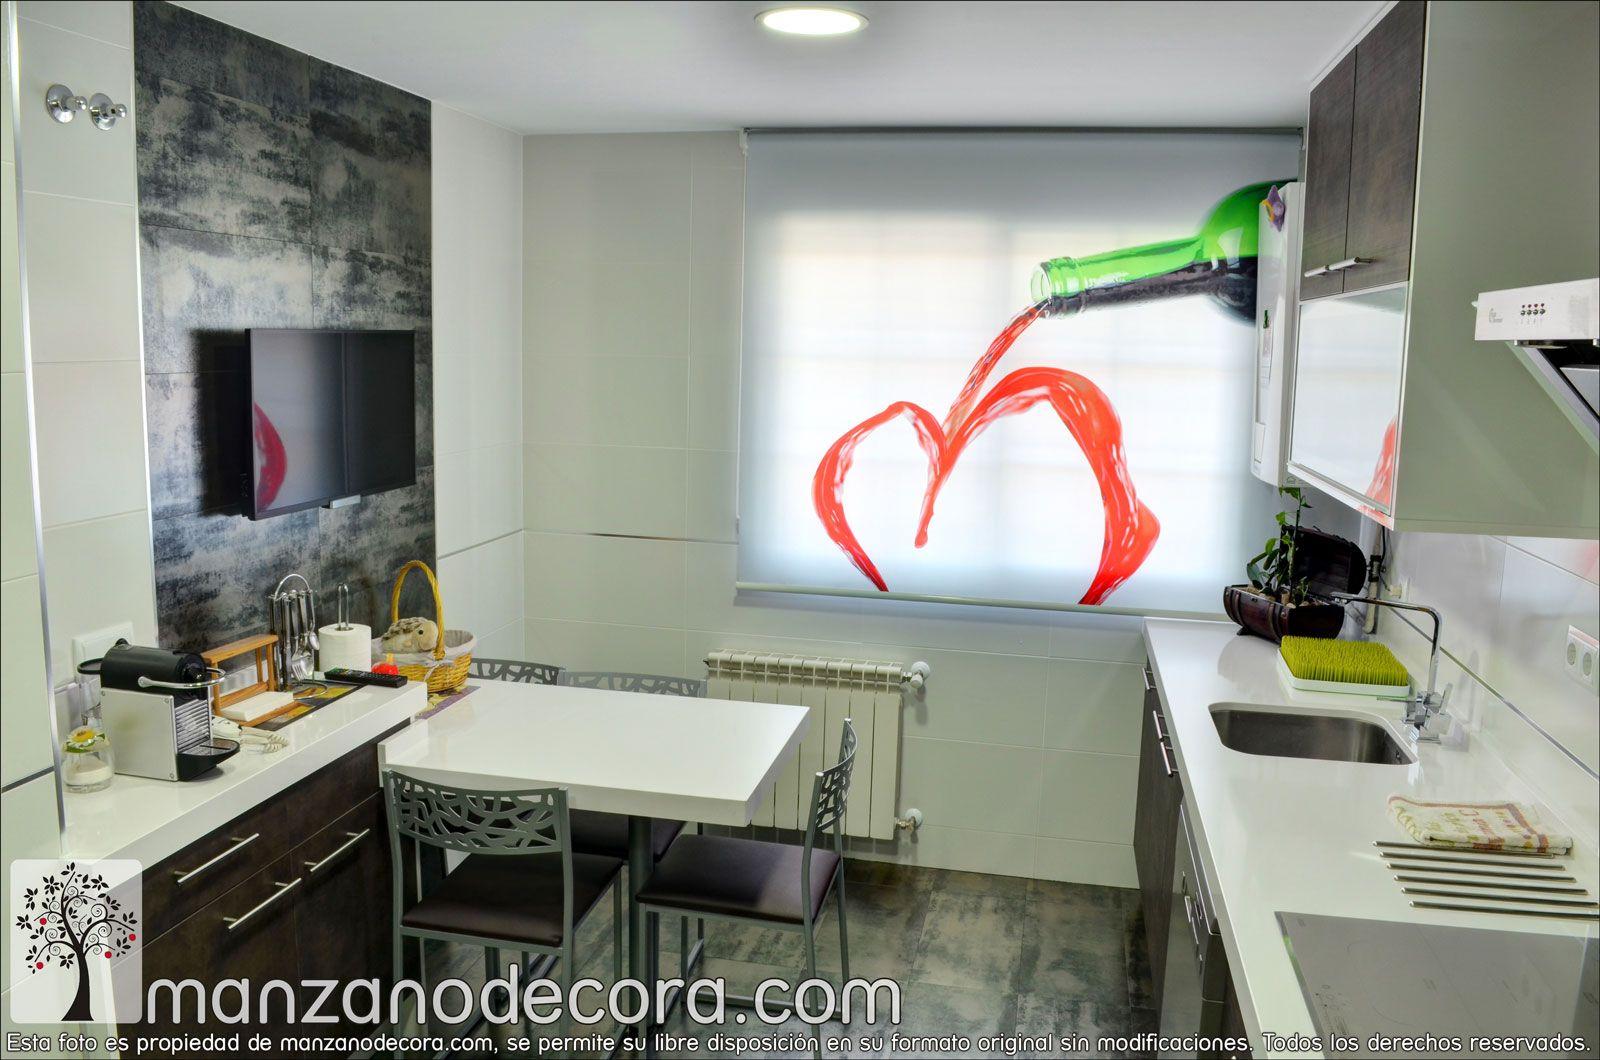 Estores enrollable fotogr fico de cocina - Estores enrollables madrid ...